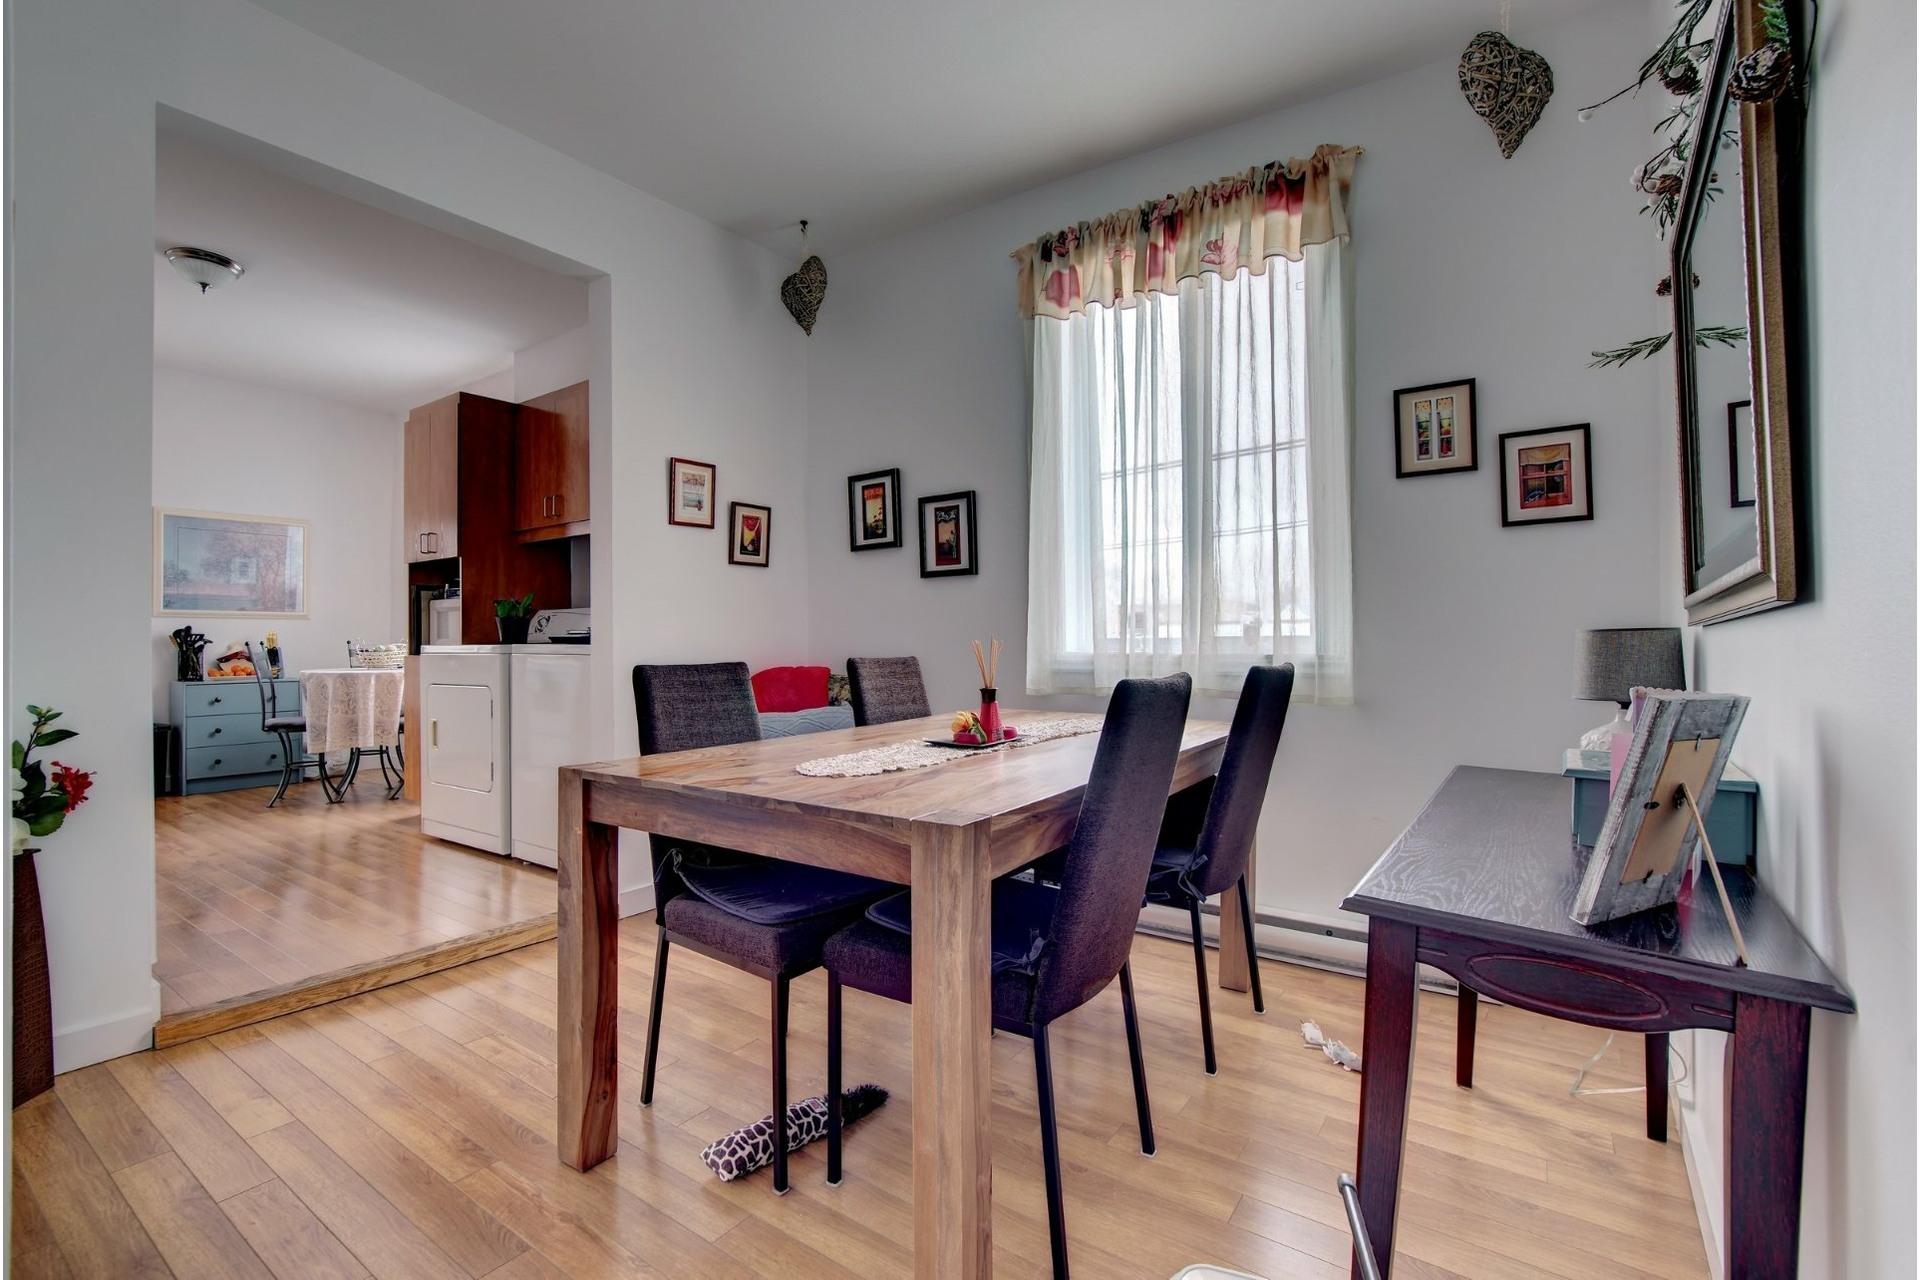 image 6 - Quadruplex For sale Rivière-des-Prairies/Pointe-aux-Trembles Montréal  - 4 rooms